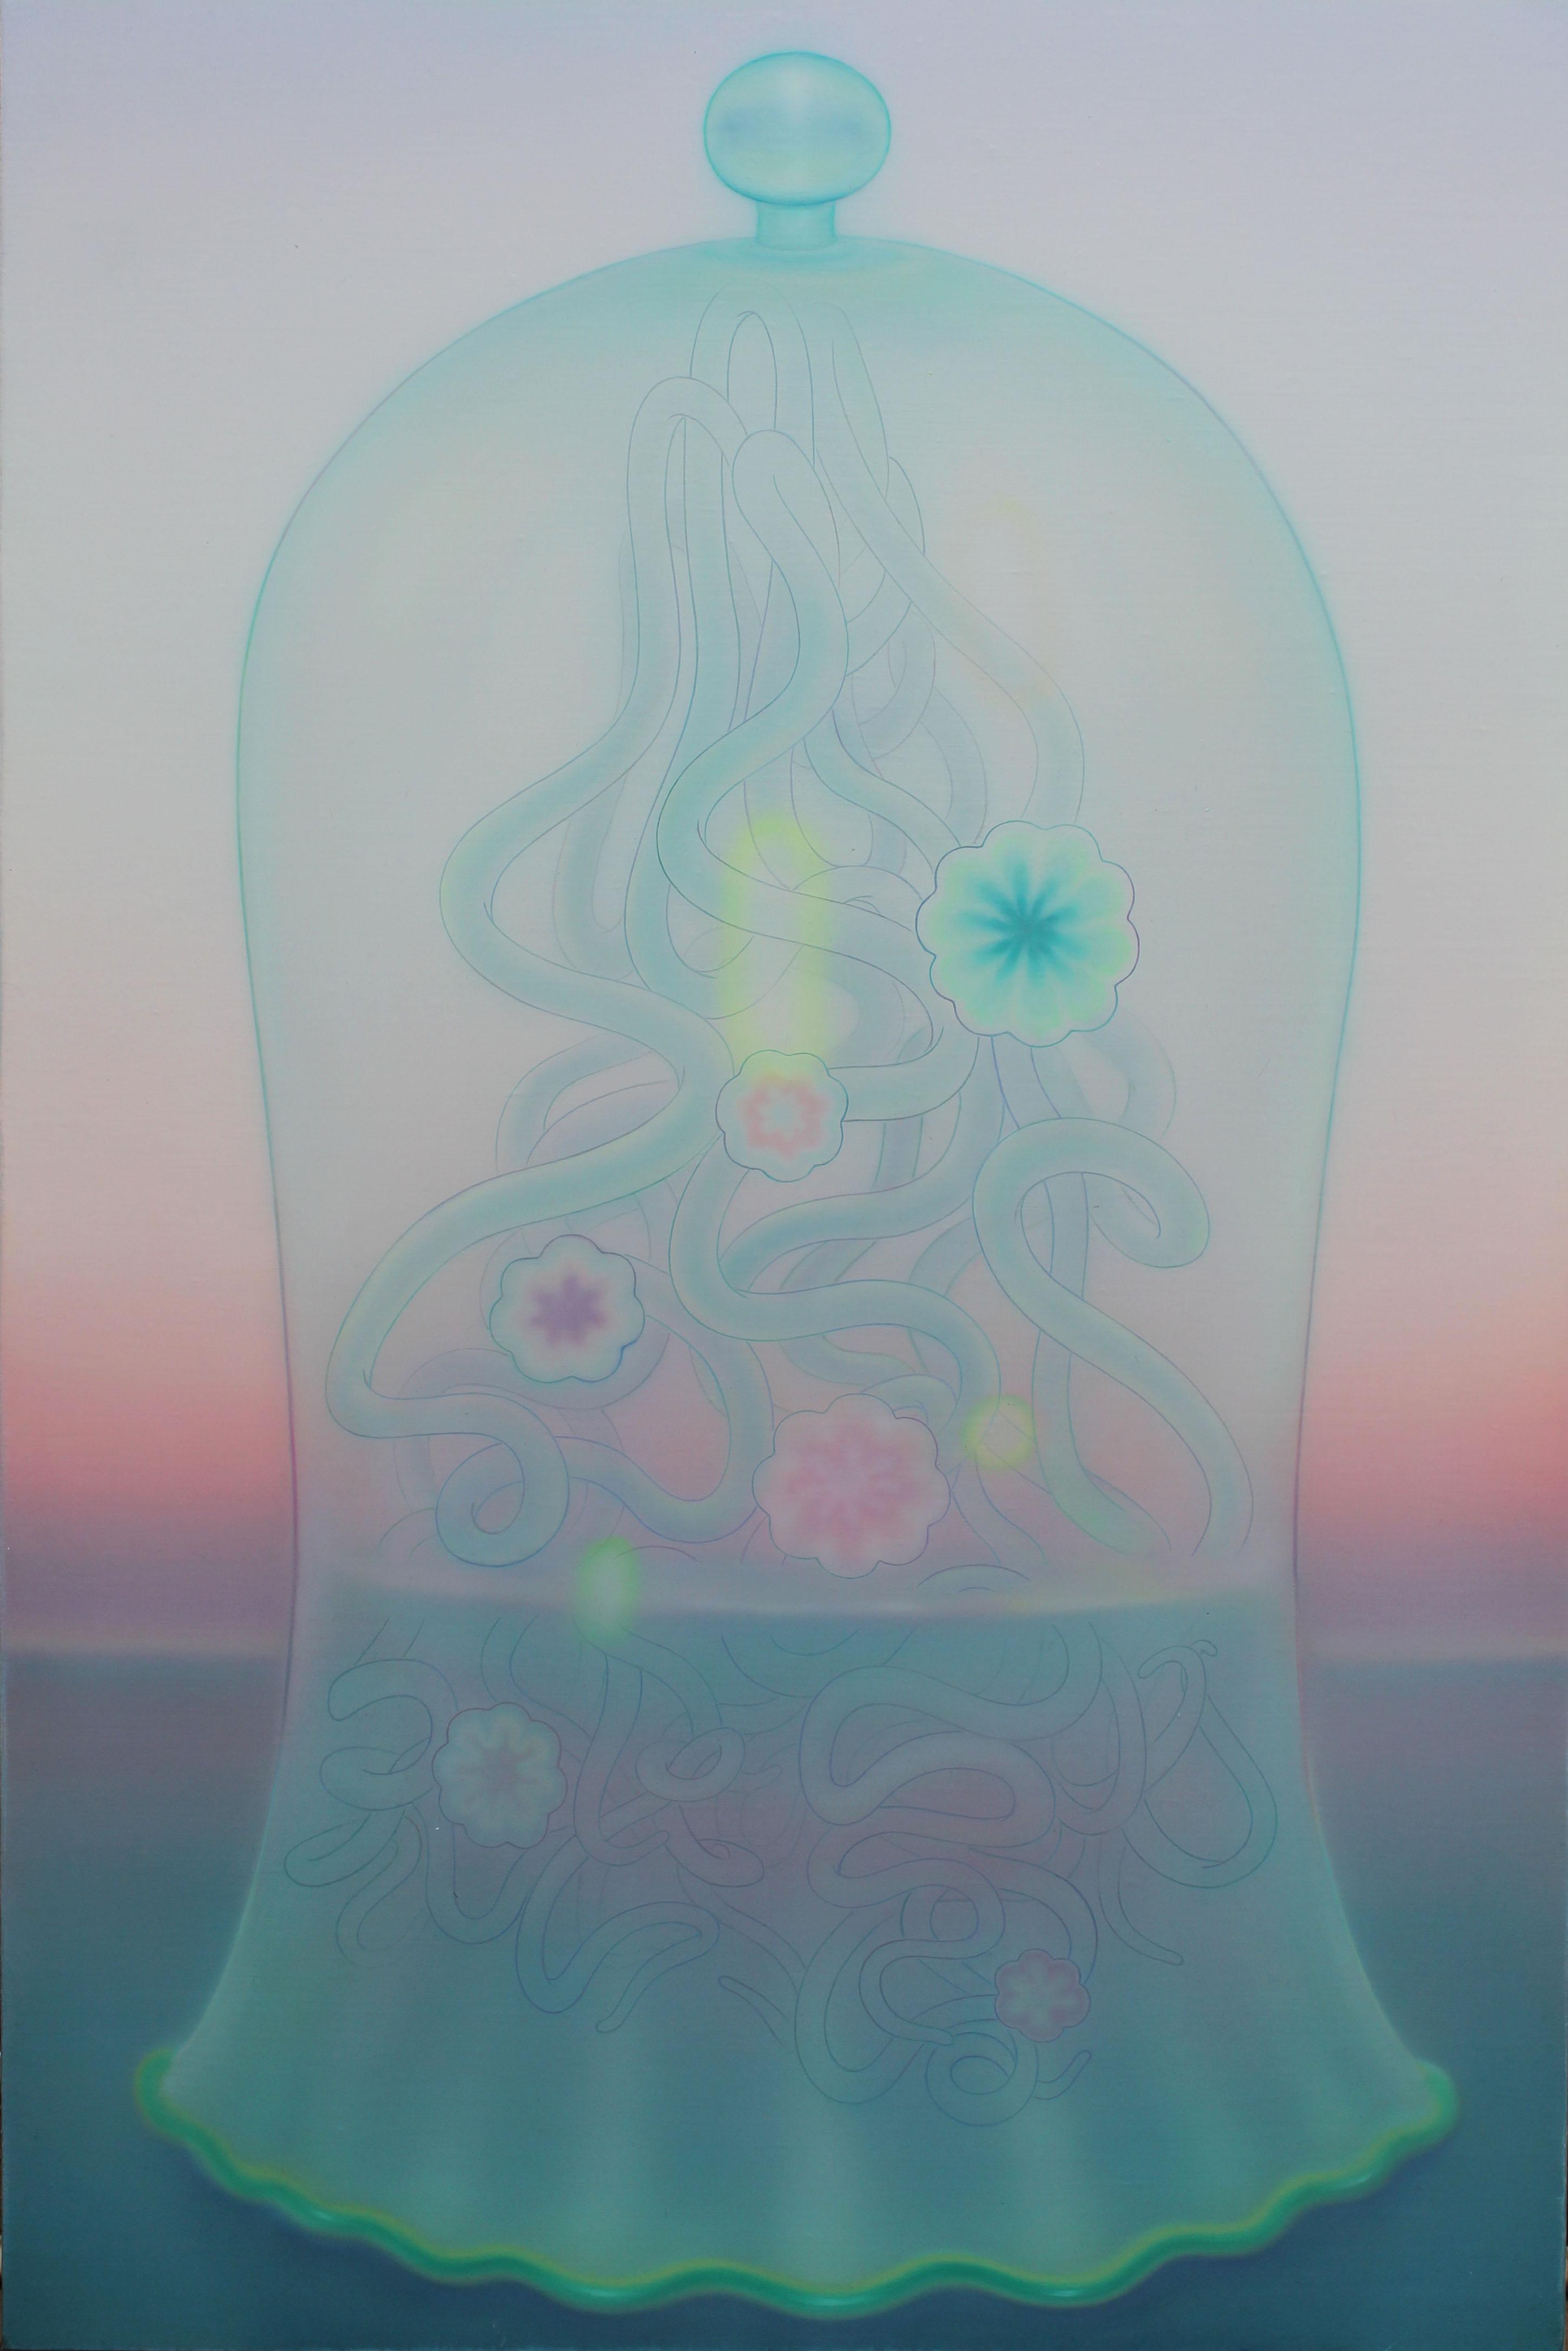 マアルイヨカン 2014年 油彩 キャンバス 91.0✕60.5(cm)